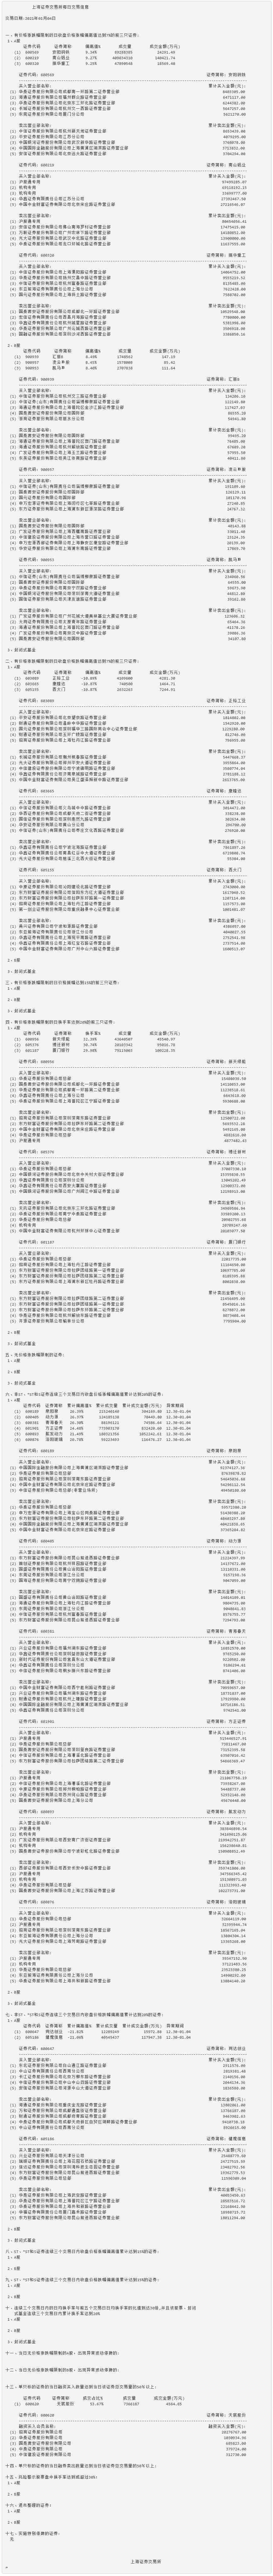 1月4日沪市活跃股公开信息(A股)